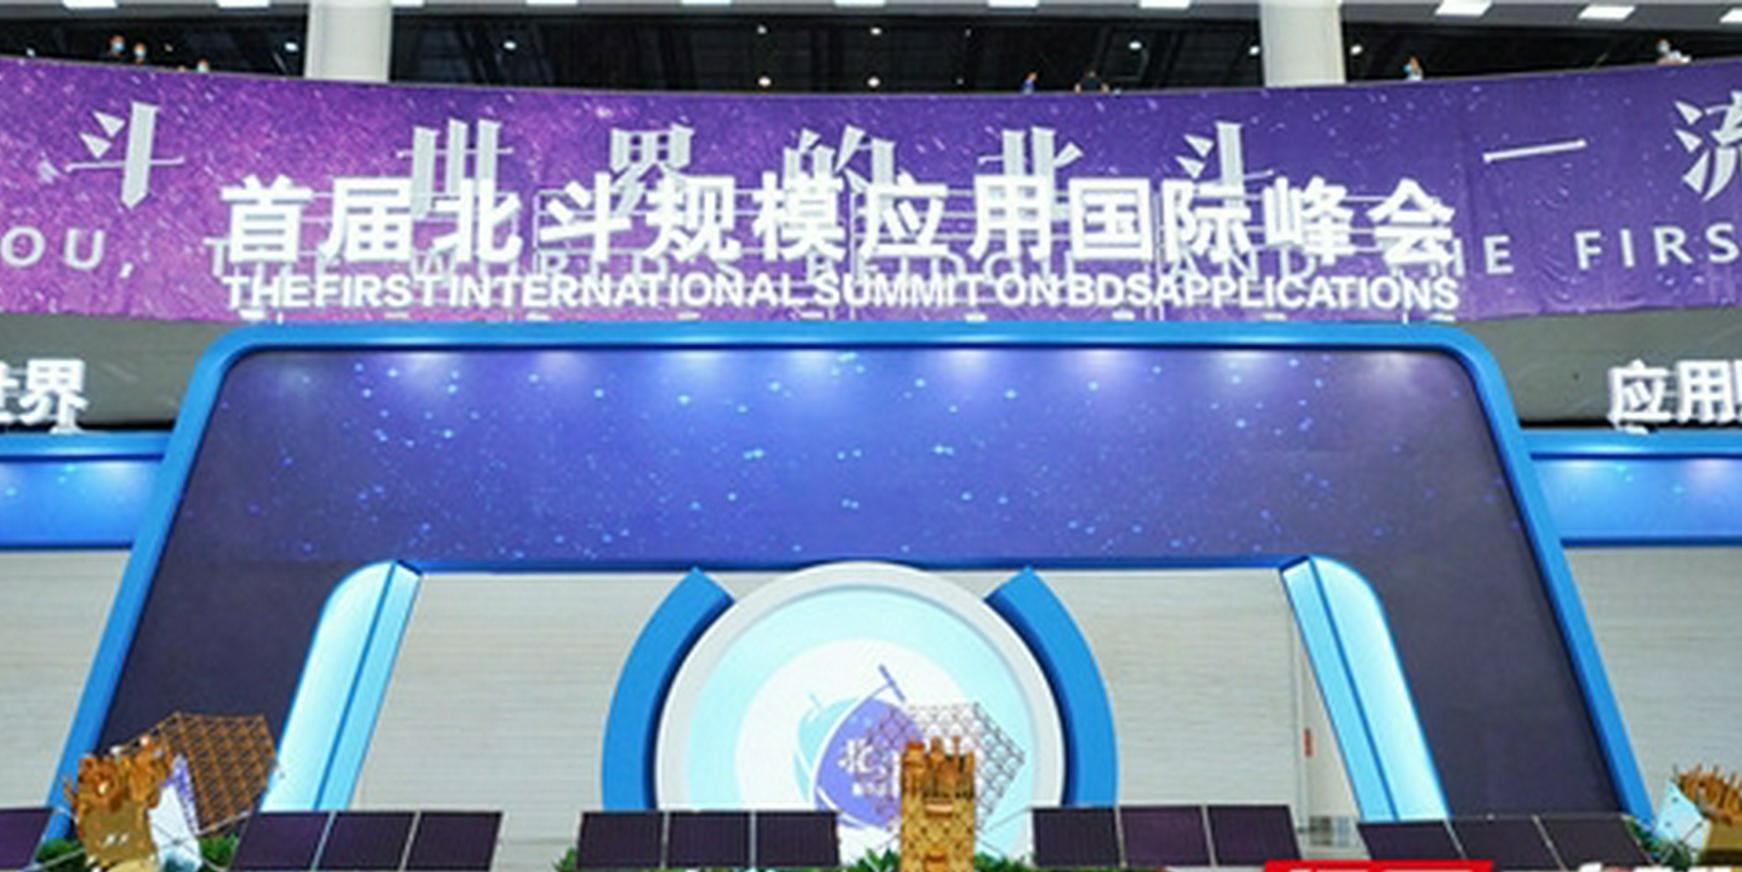 首届北斗规模应用国际峰会在长沙开幕